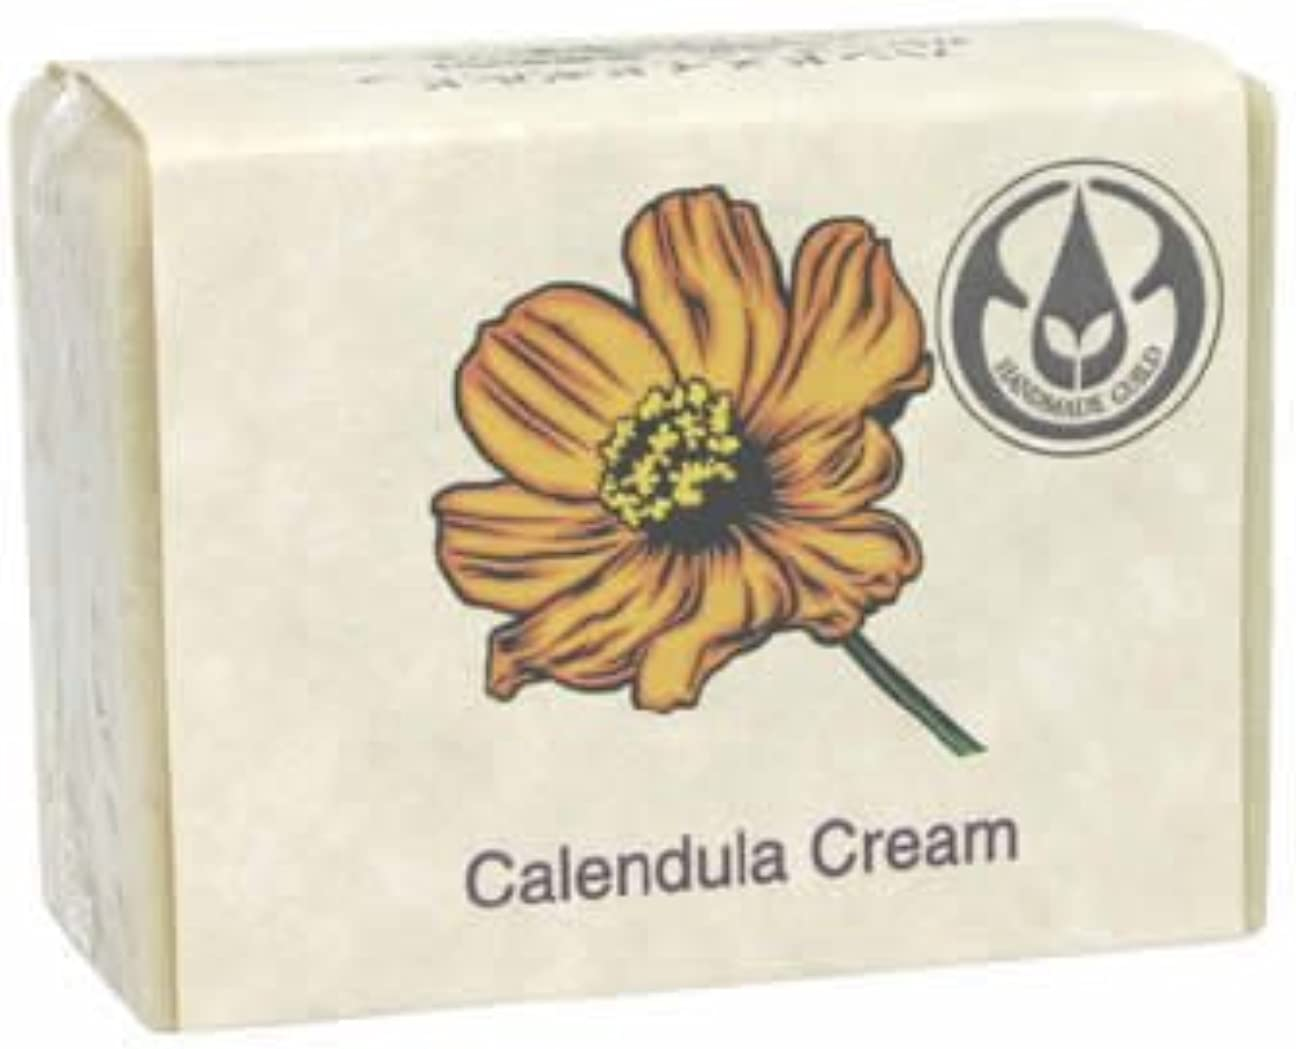 ホステル商標スローガンジョン&ダイアナのハンドメイドソープ カレンデュラクリーム 90g